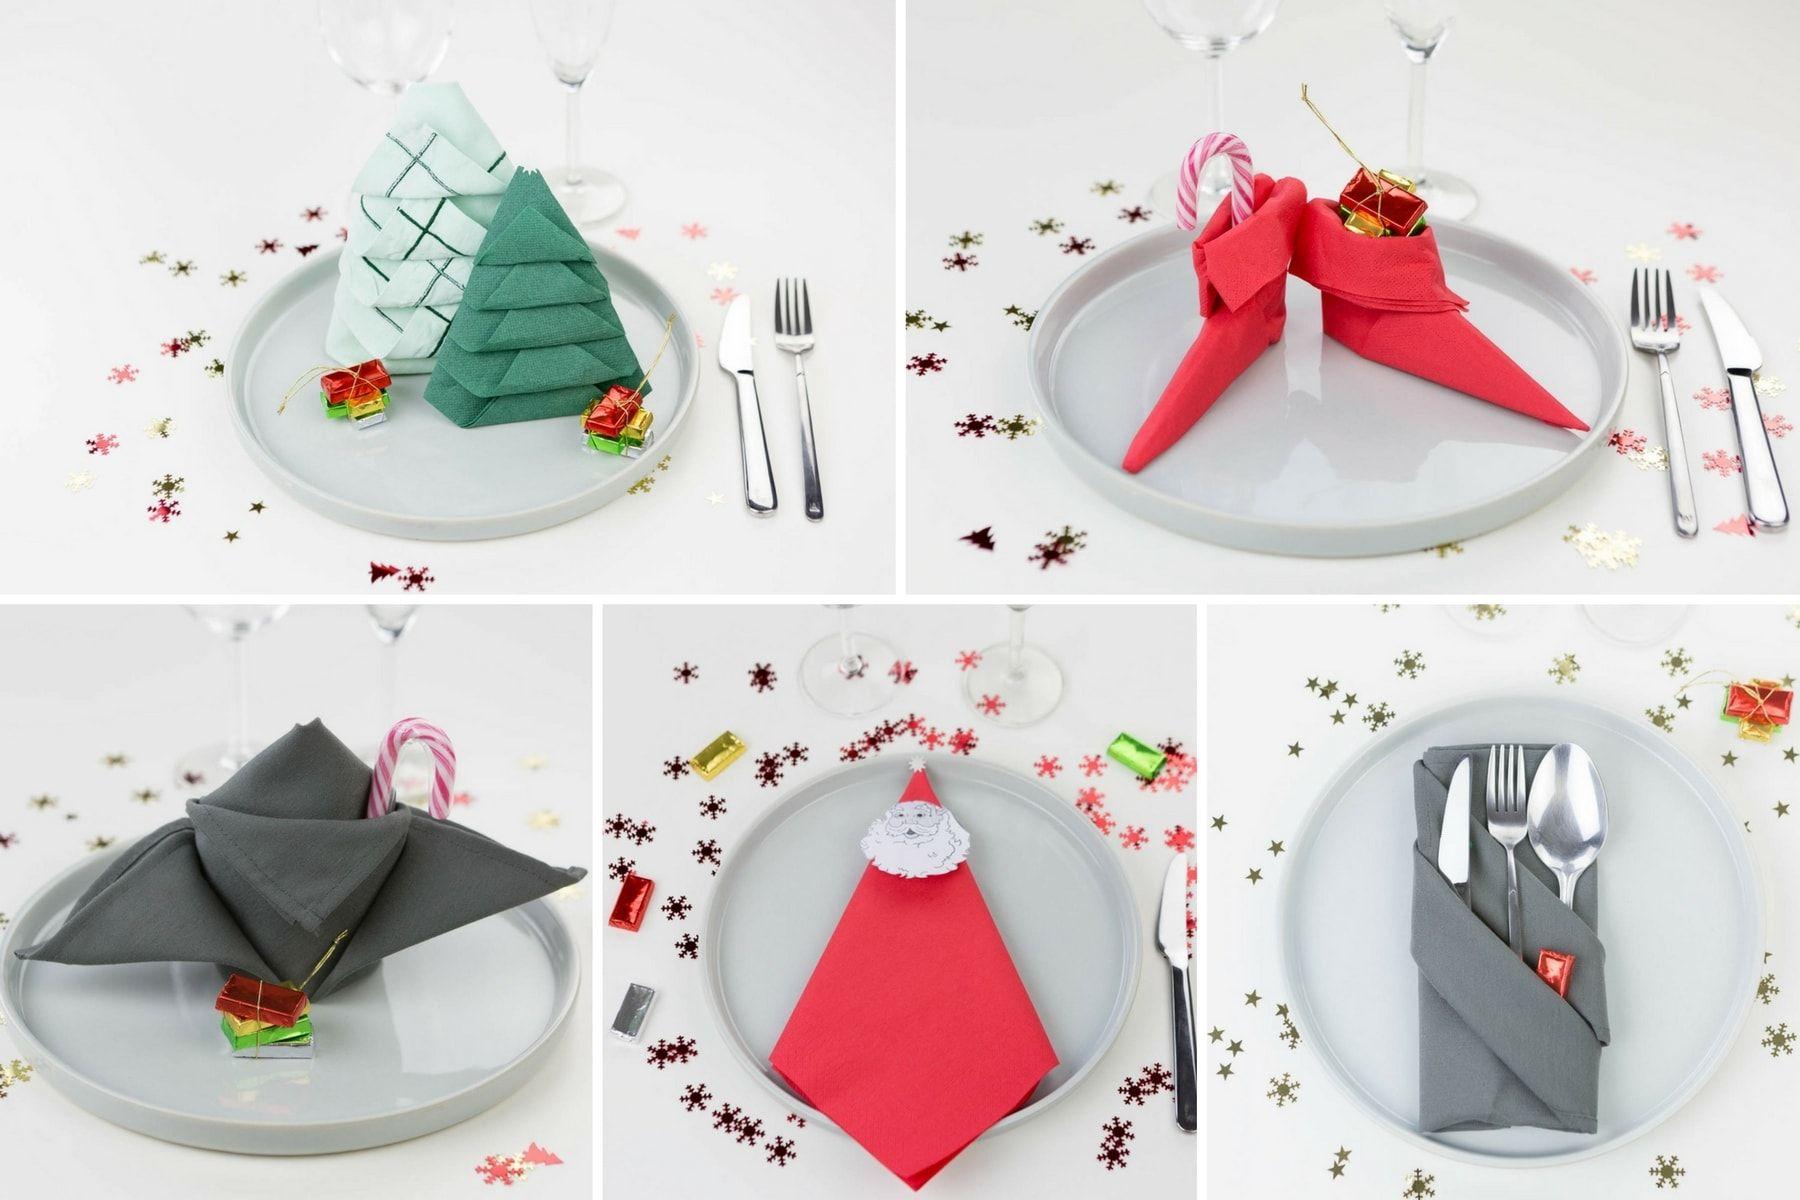 Pliage Serviette Facile Range Couverts 12 pliages de serviettes (faciles) pour votre table de noël